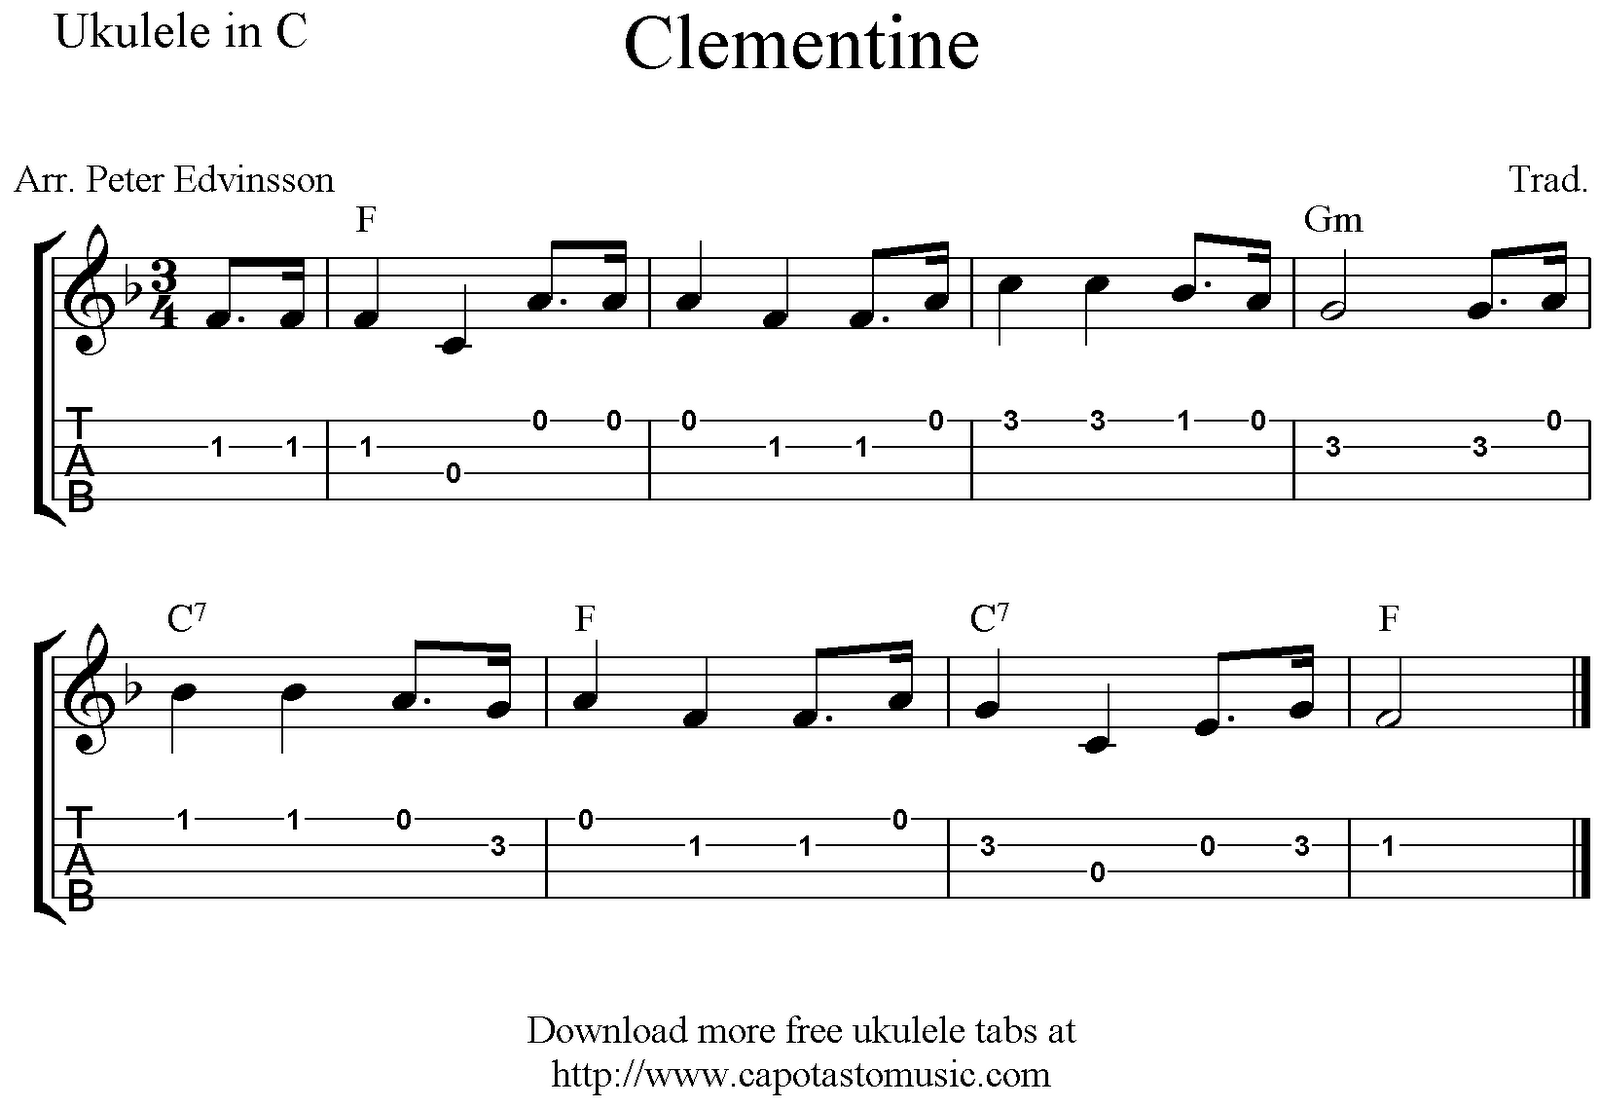 Clementine Ukulele Sheet Music Free Printable Ukulele Sheet